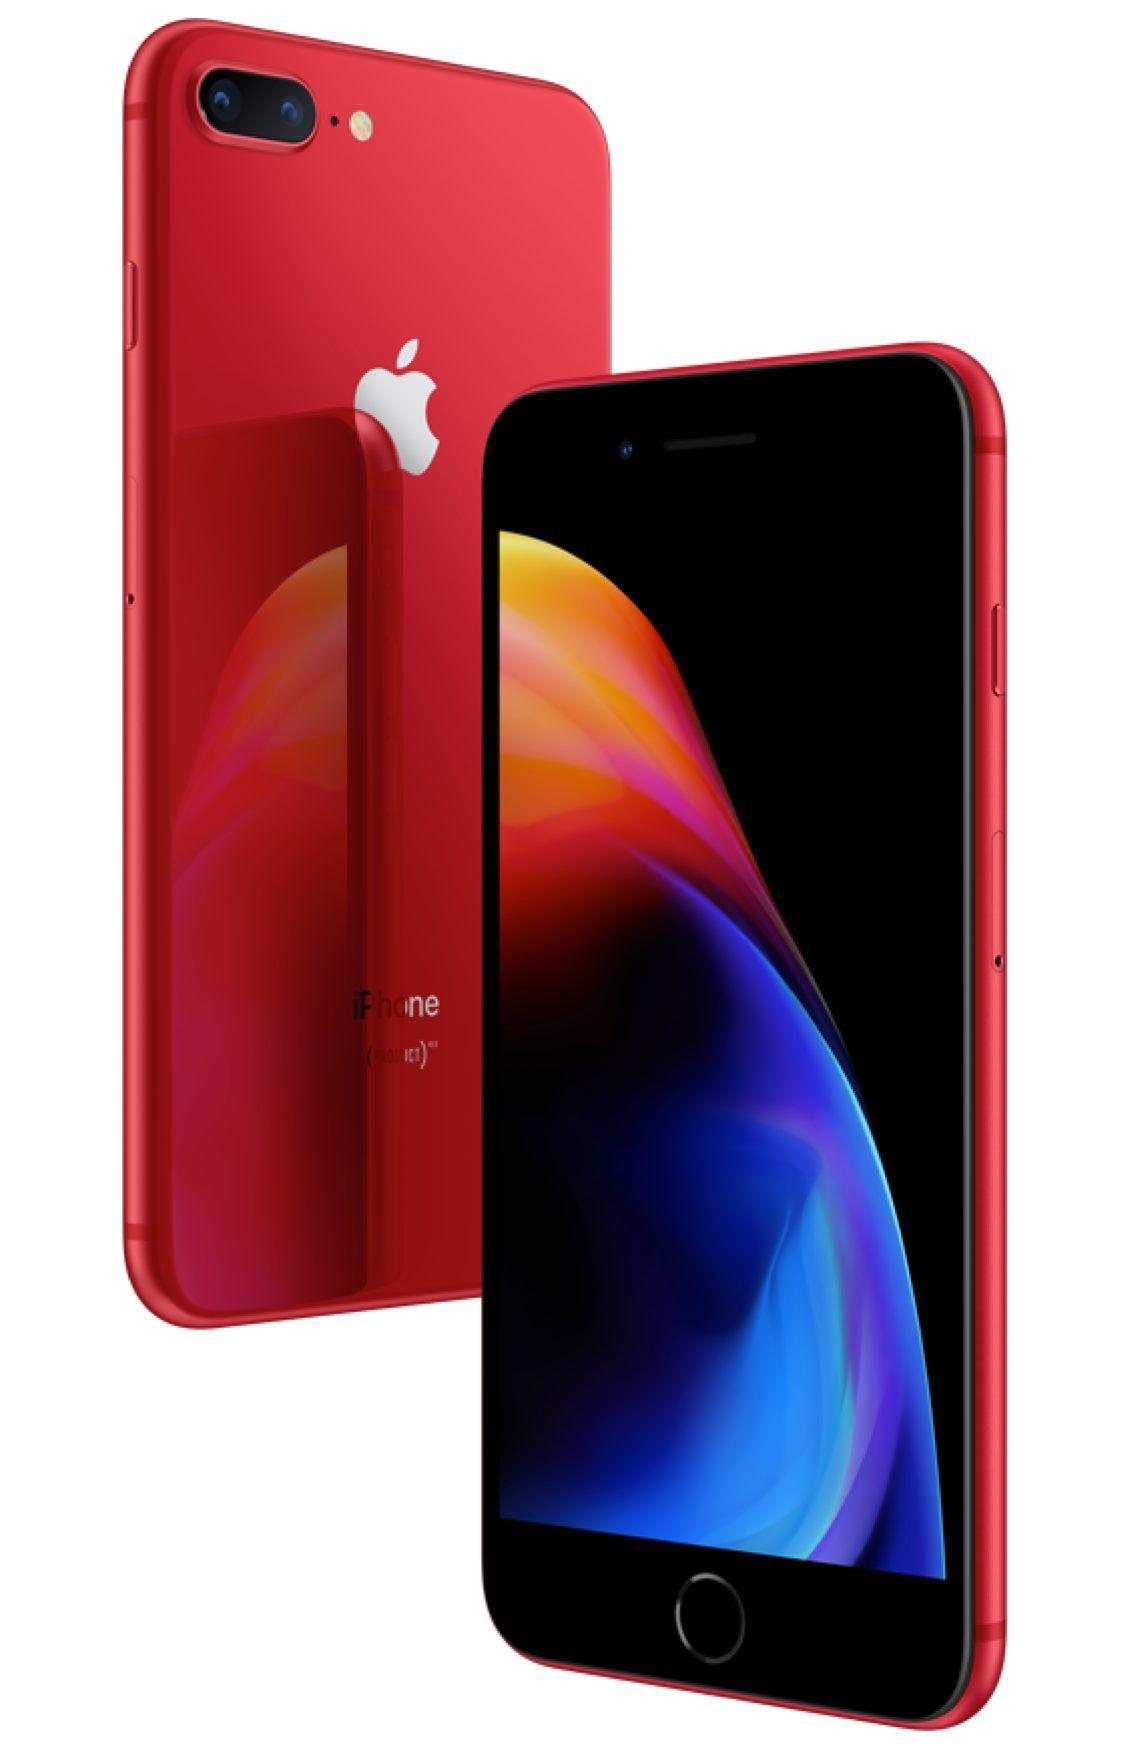 cc1bc8f72 Apple iPhone® 8 Plus 64GB Red - Main Image  3